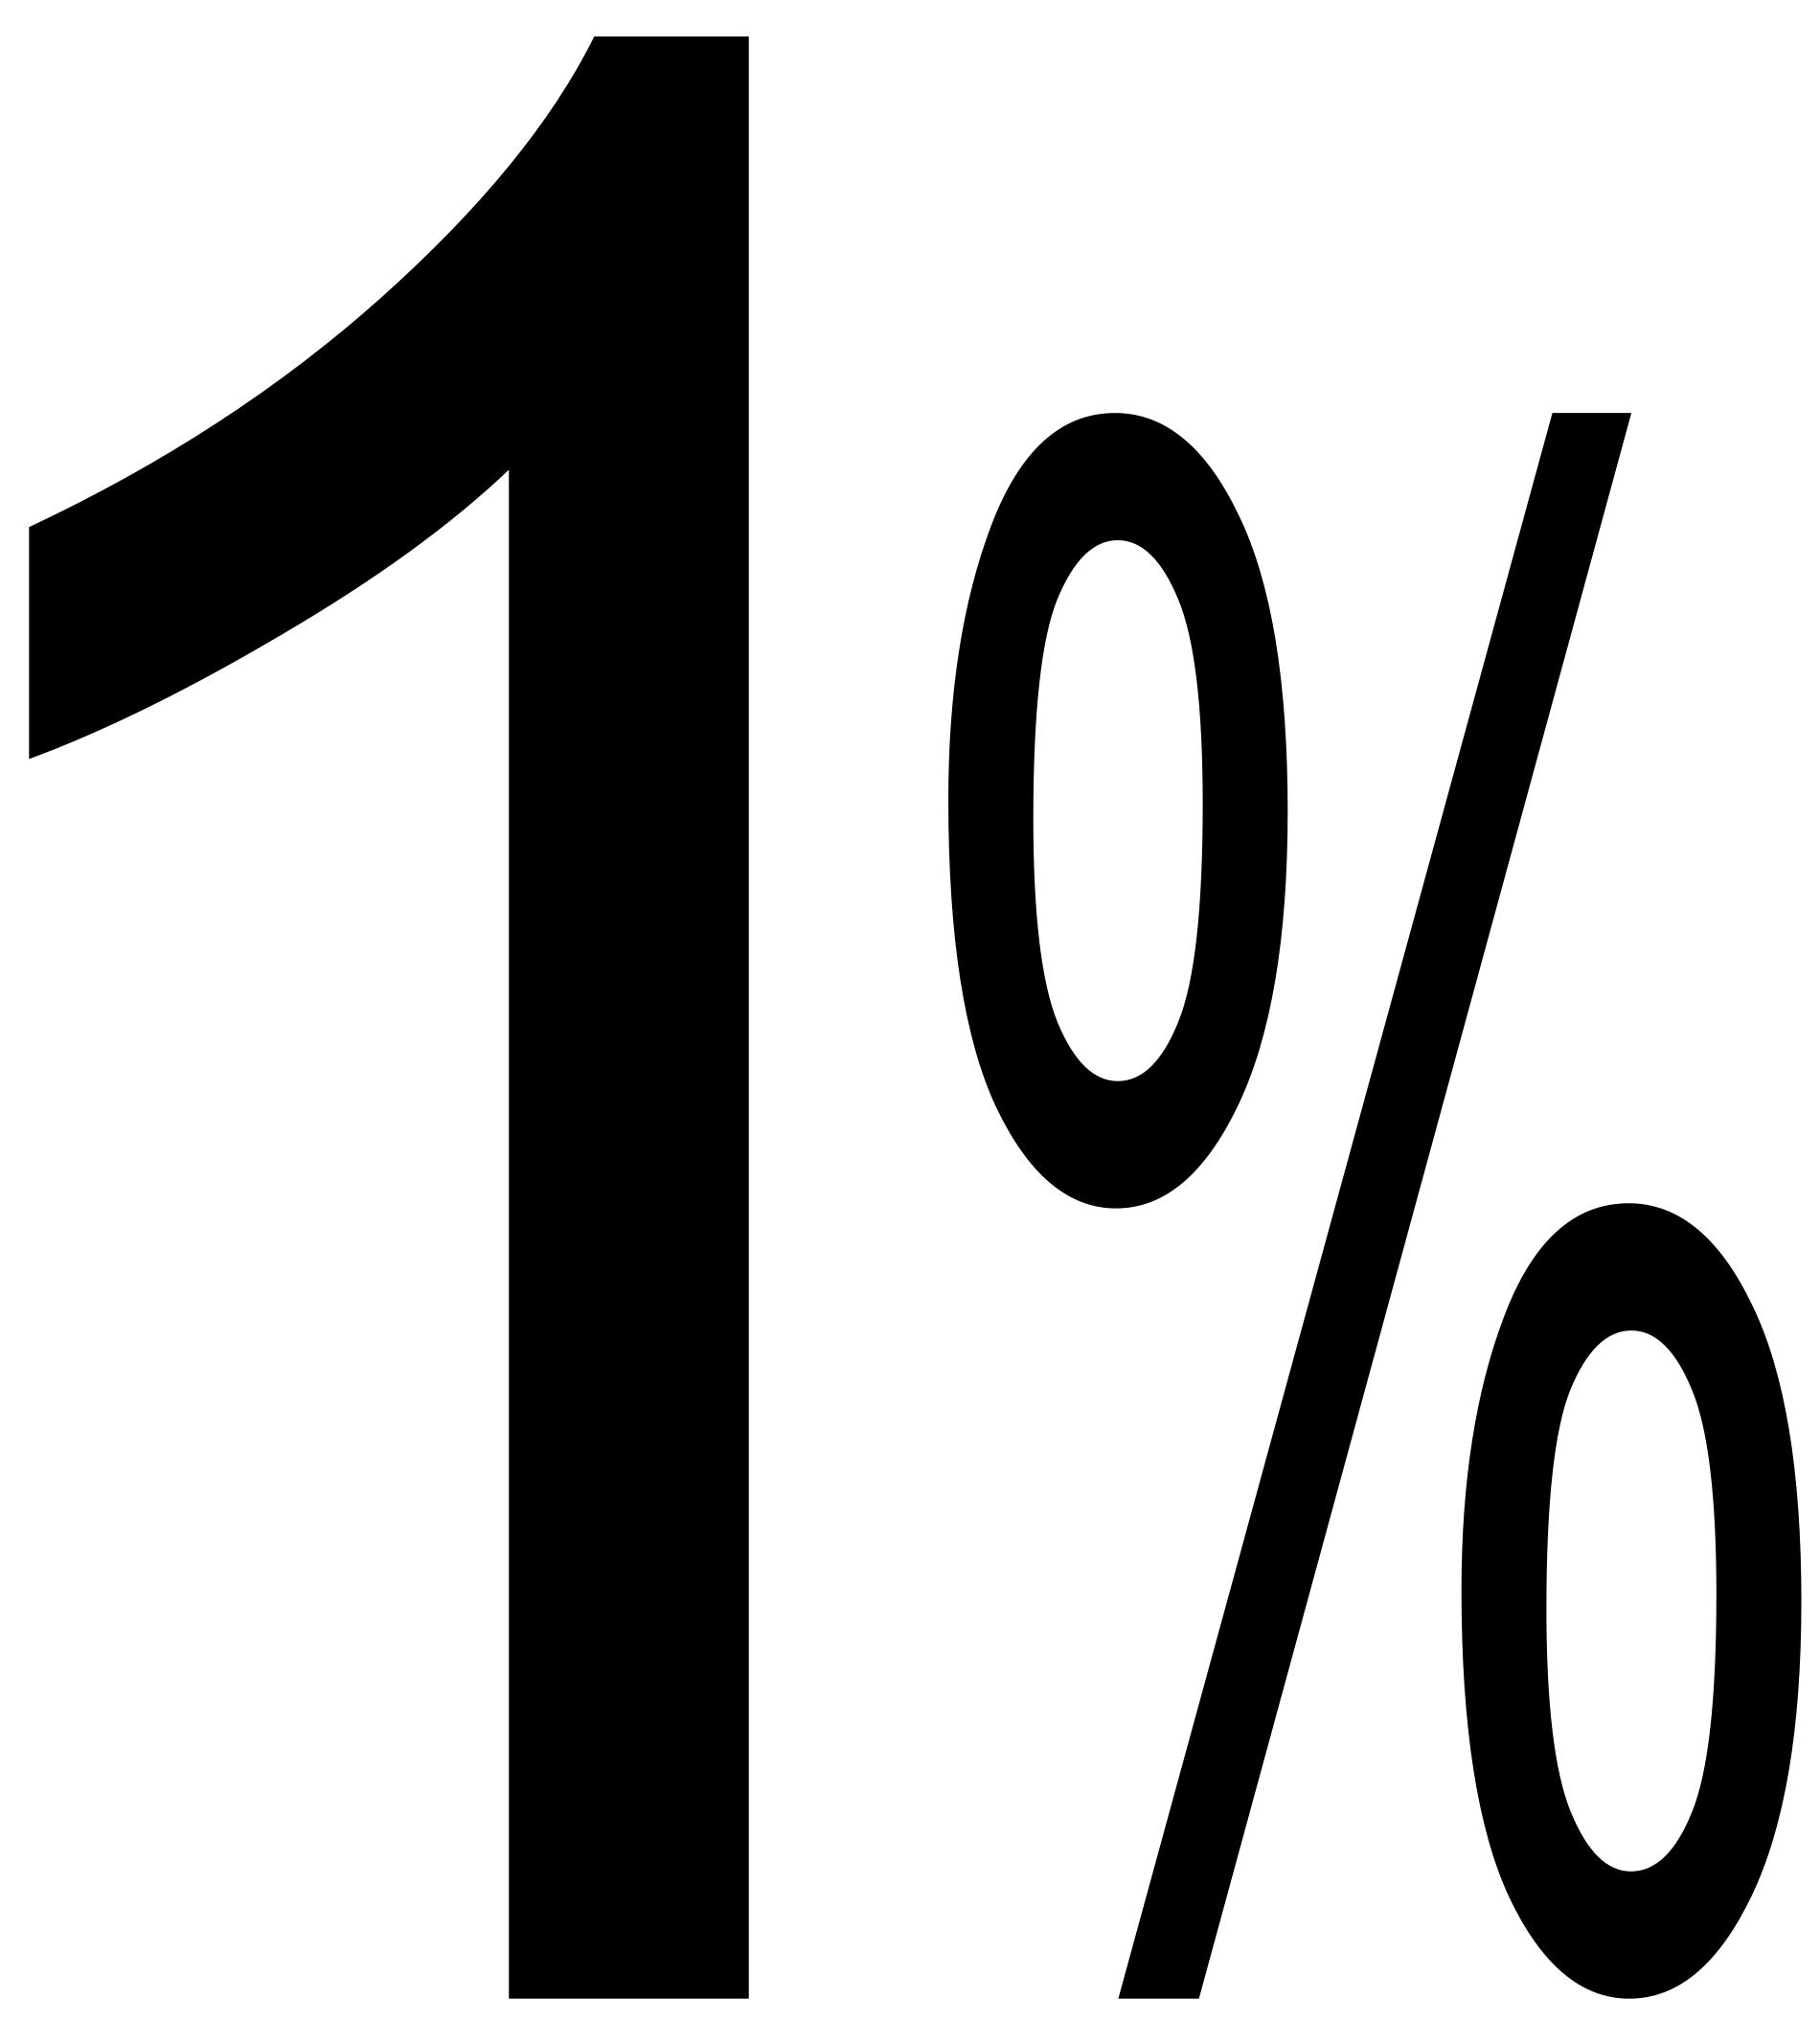 O vieną procentą galite paskirti politinei partijai. Savo nuožiūra.